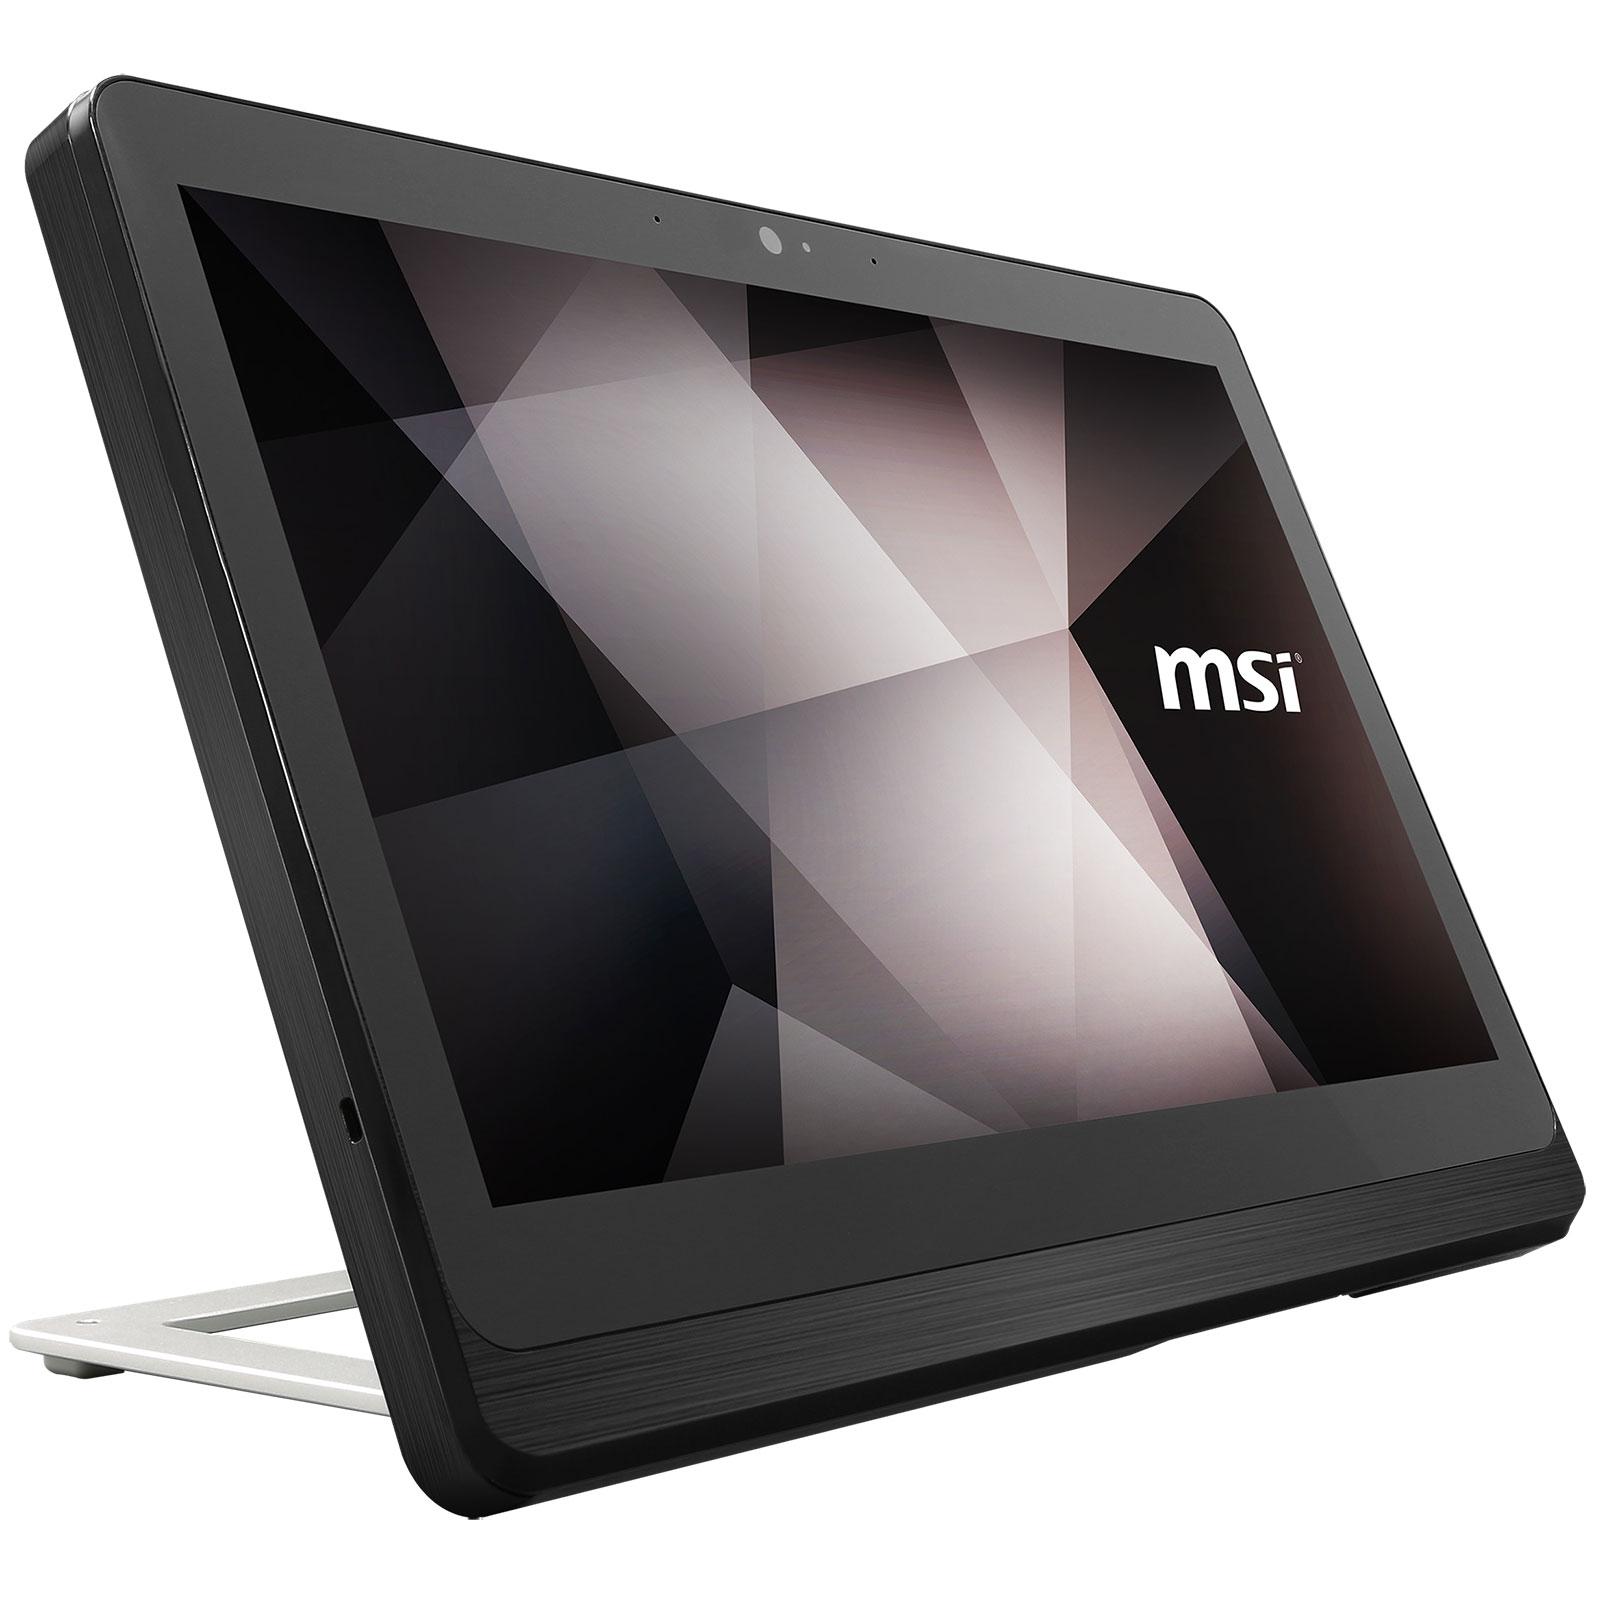 PC de bureau MSI achat vente PC de bureau sur LDLC